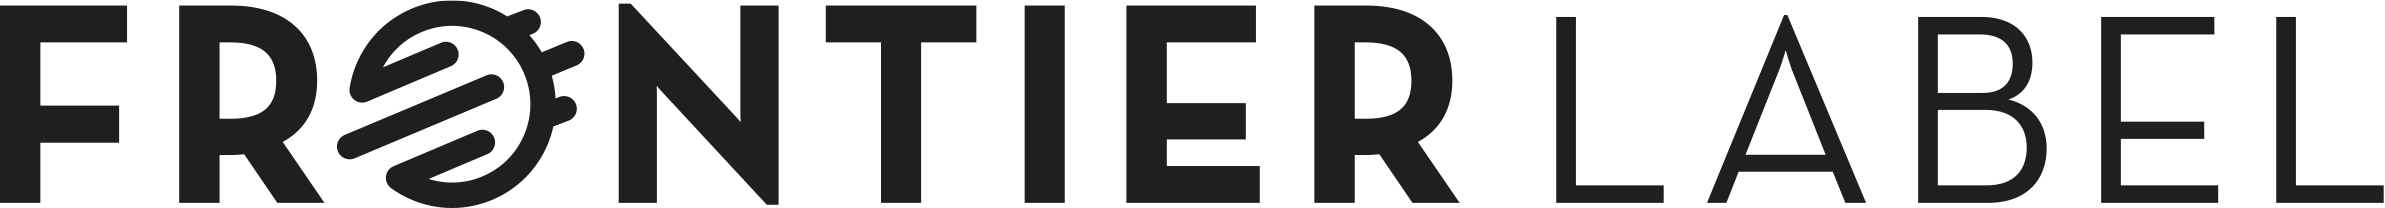 Frontier Label